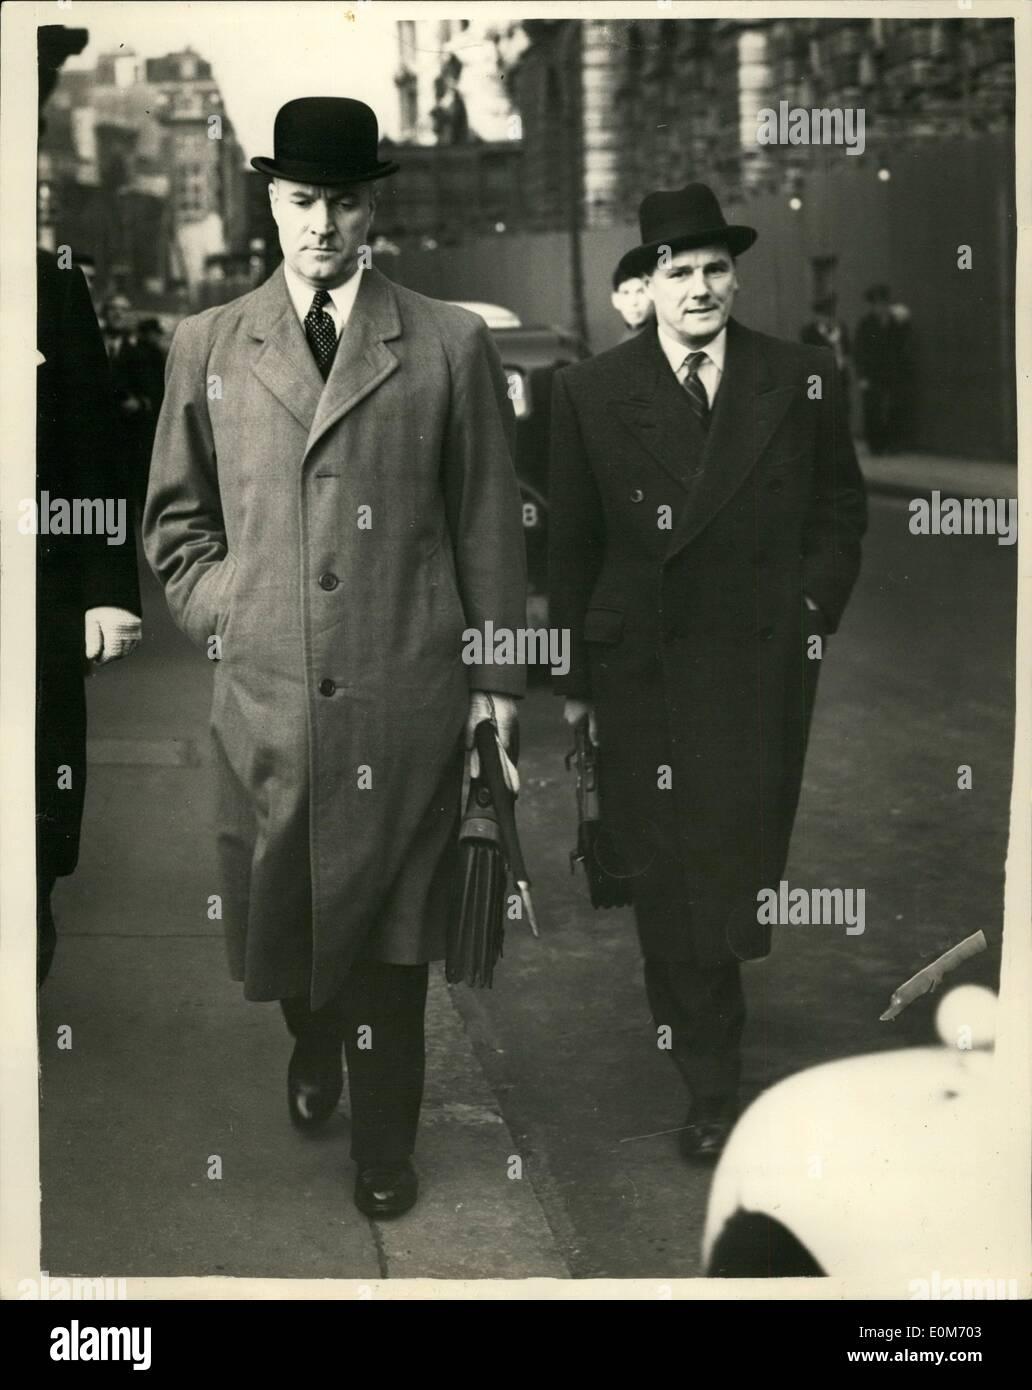 11 Nov, 1953 - Blanco-camino encontrado culpable del asesinato de camino de sirga. Alfred Charles white-way fue condenado a muerte ayer por uno de los crímenes más brutales de la historia de la Old Bailey - ruido sordo Eddington camino de sirga asesinato de Barbara songhurst, de 16 años de edad. El jurado tardó diez hombres y dos mujeres - sólo tres cuartos de hora para encontrar blanco-forma culpables. phto muestra Supt.Herbert Hannam (izquierda), trabajaban 17 horas por día en el caso de camino de sirga, y analizaron 1.650 escritos y llevados a juicio. Hombre de Hus con él , a la derecha, es Serge Imagen De Stock